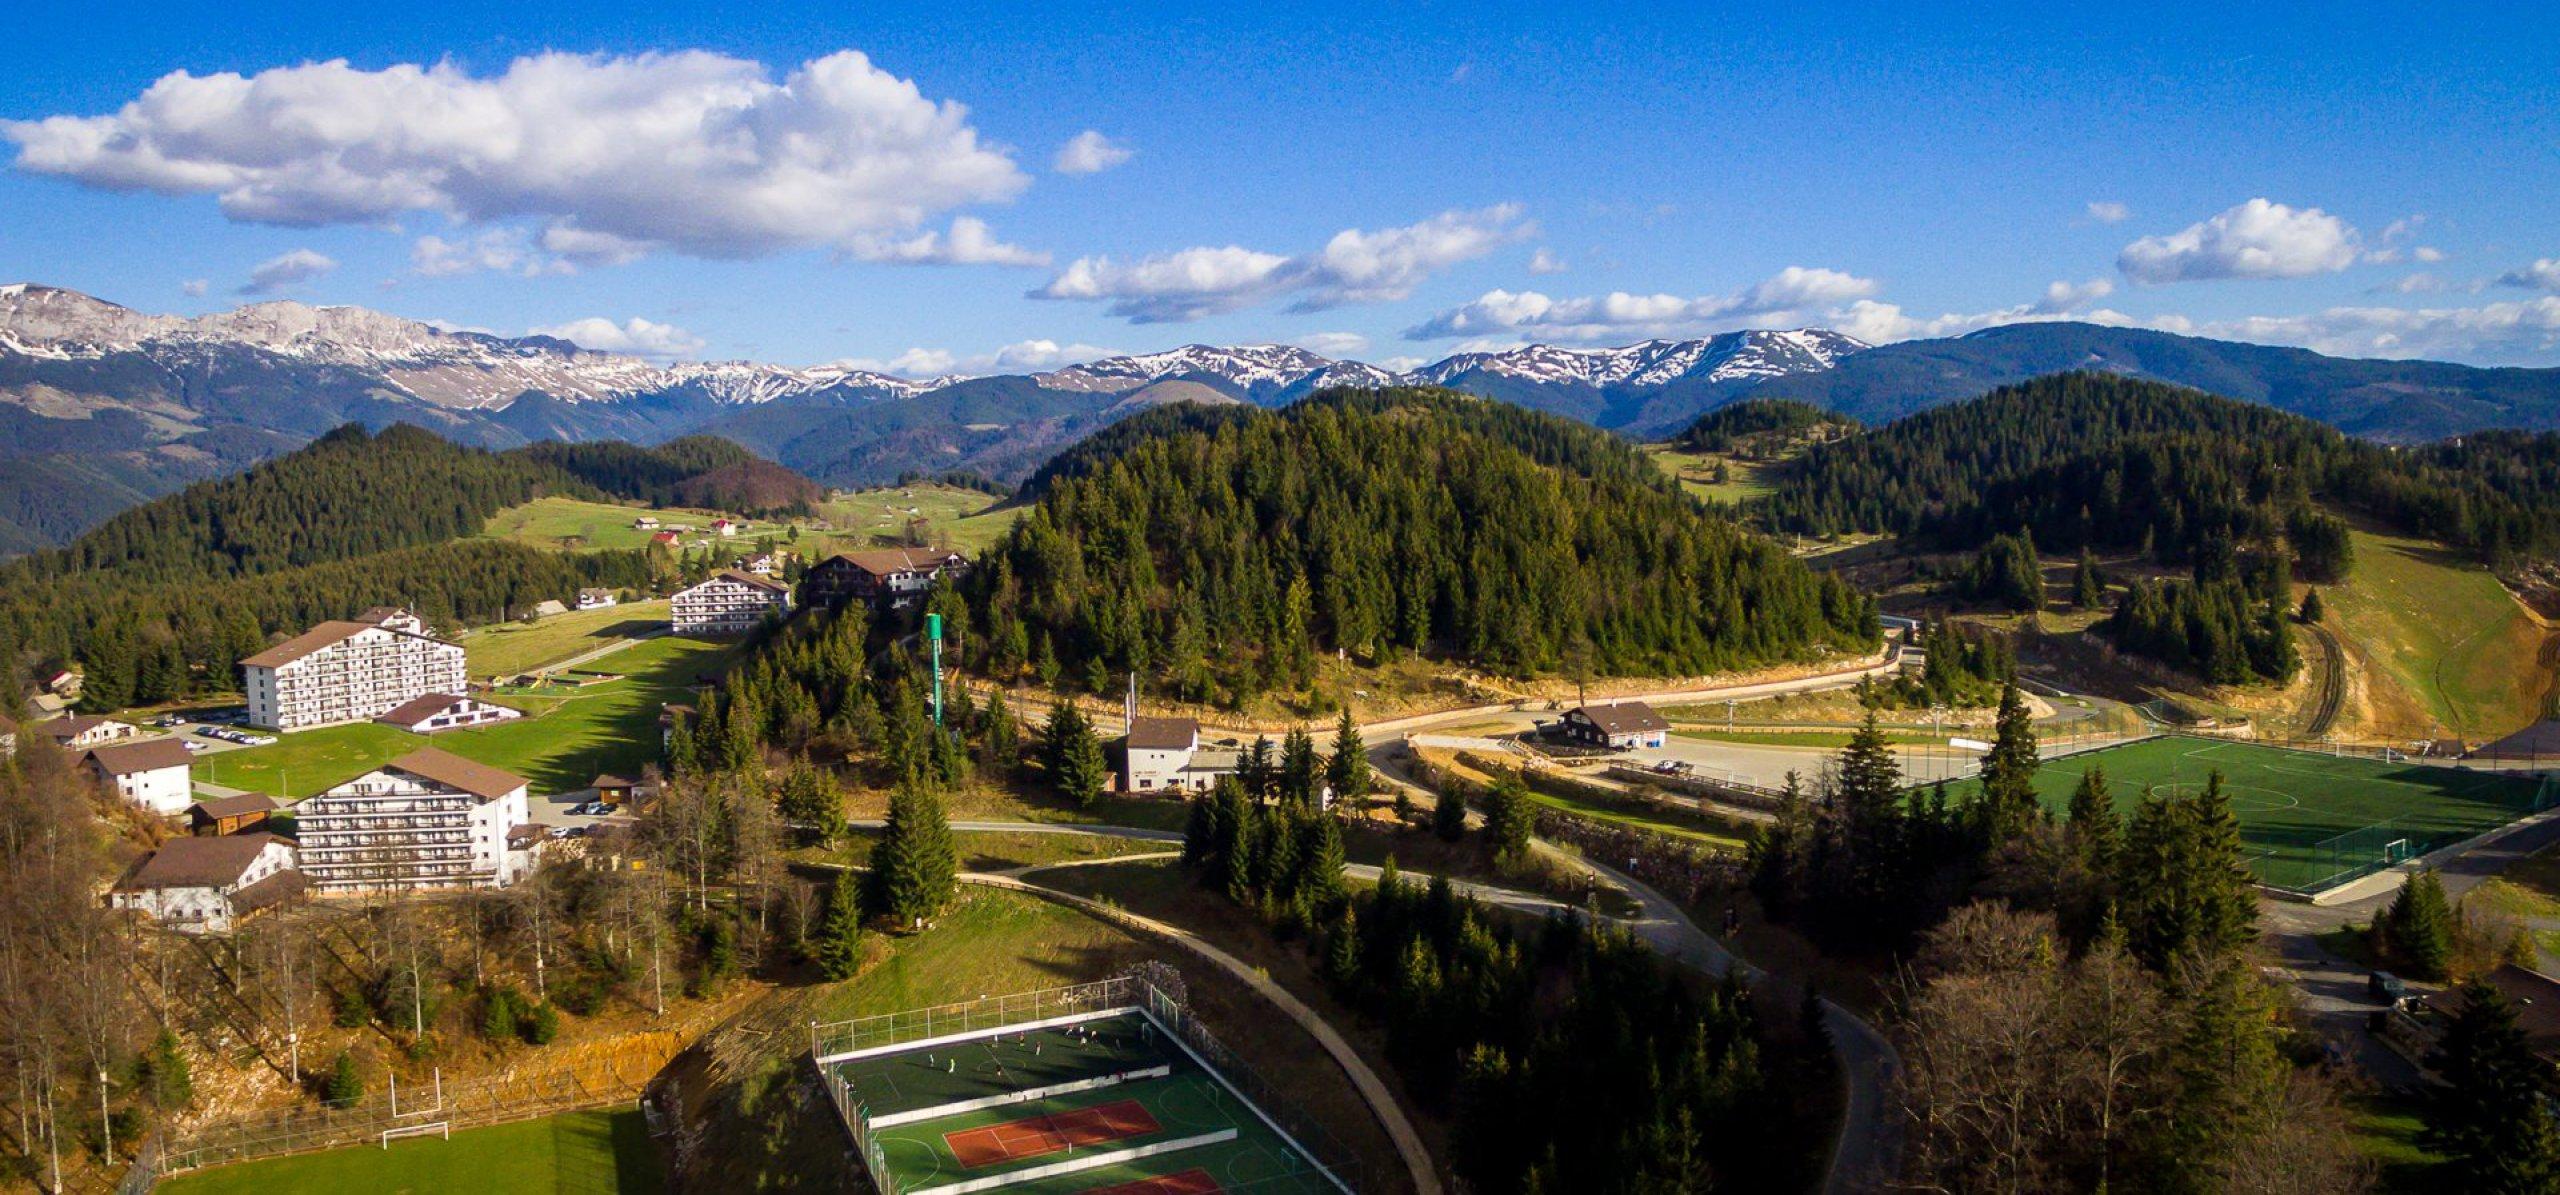 Cheile Gradistei - Fundata Terenuri sport, Tiroliana